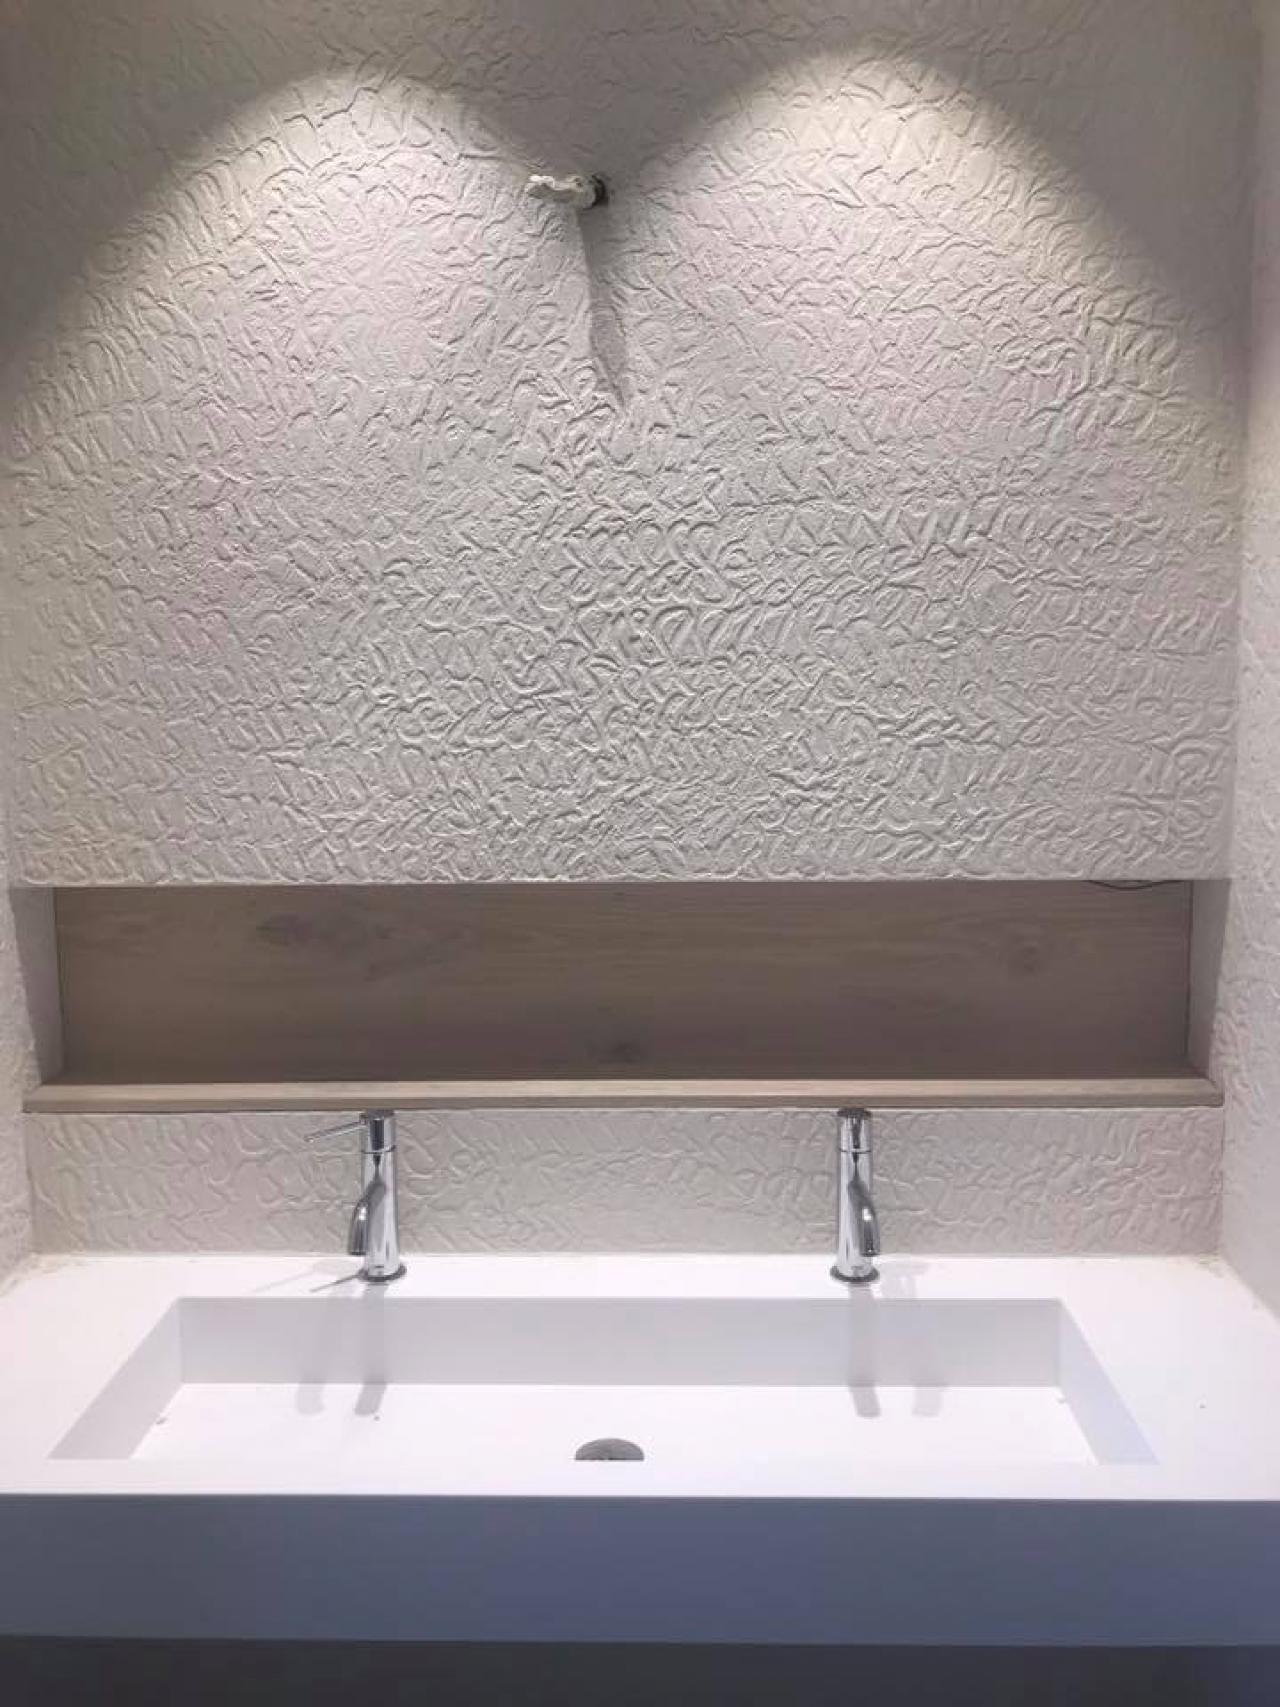 Resina Pareti Bagno Costi resina oltremateria per parete bagno | fratelli pellizzari